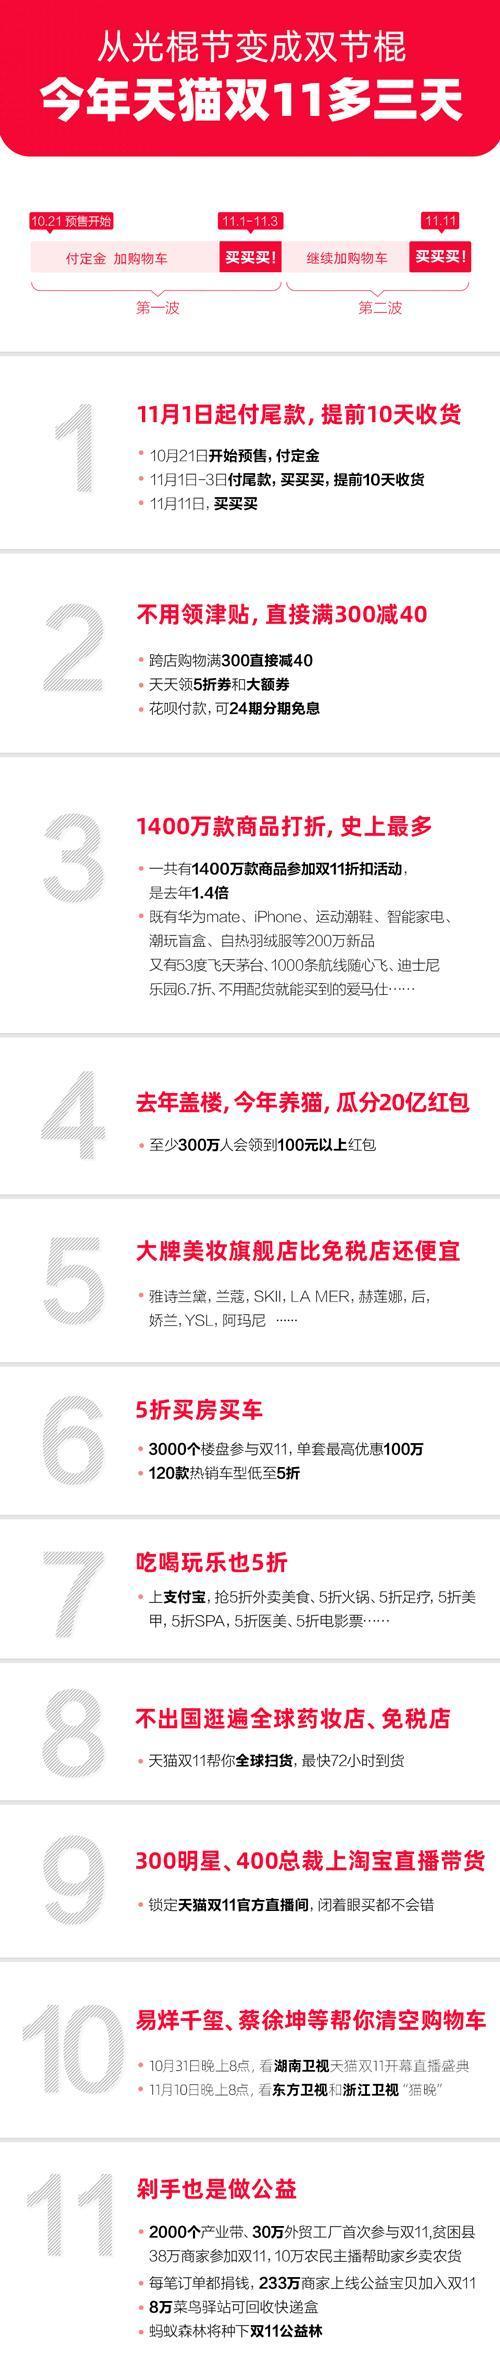 天貓正式發佈新一代「天貓雙11全球狂歡季」 比以往多3天-中國網地産